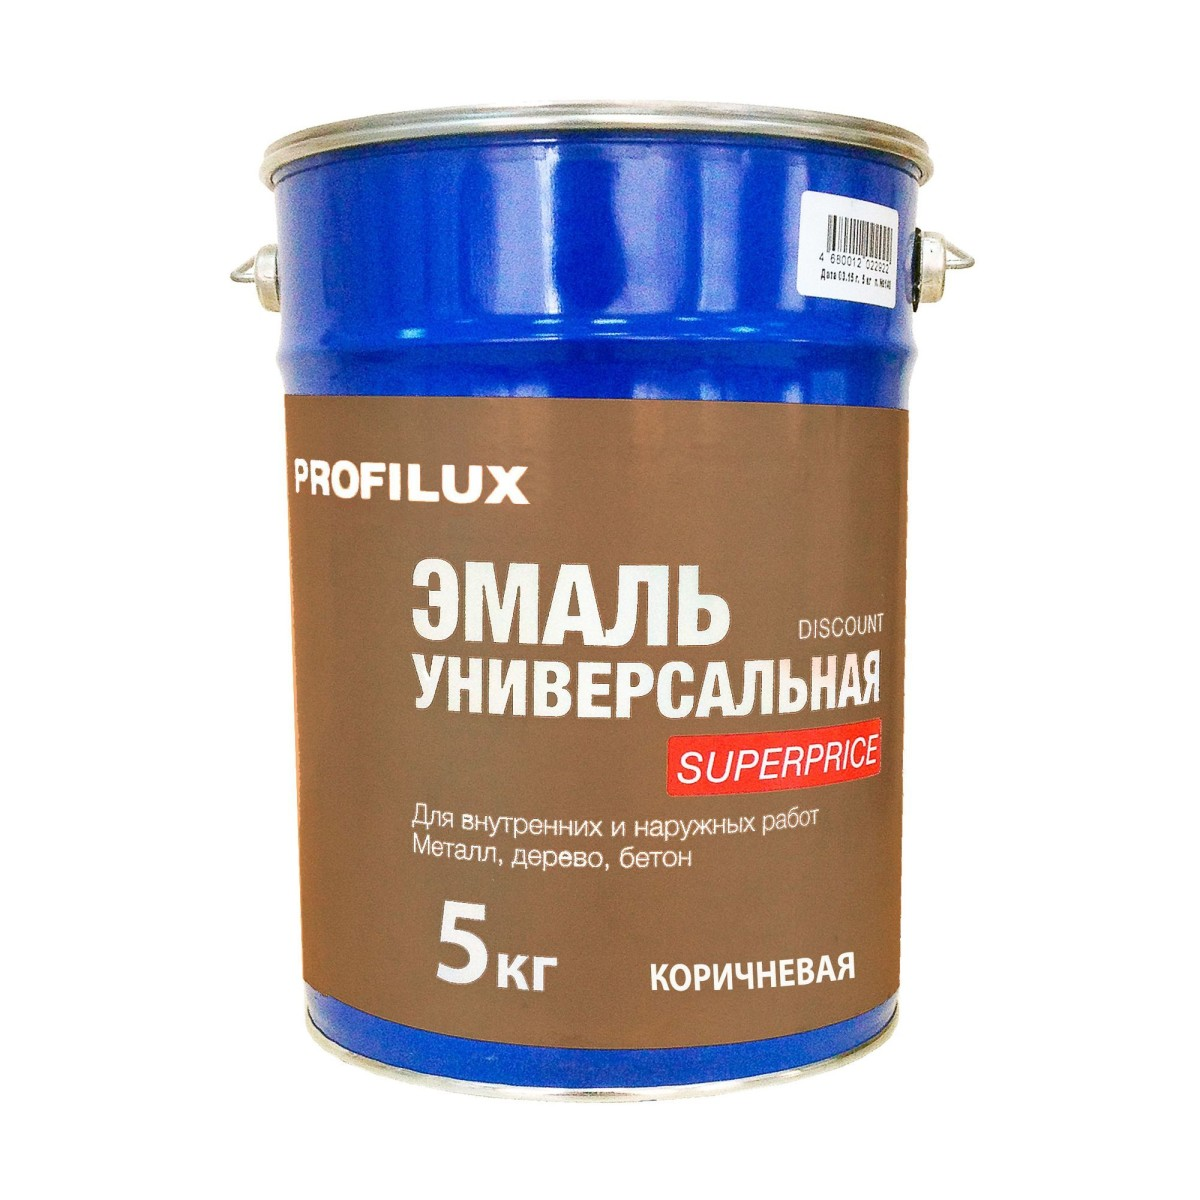 Профилюкс Эмаль Superprice цвет коричневый 5 кг